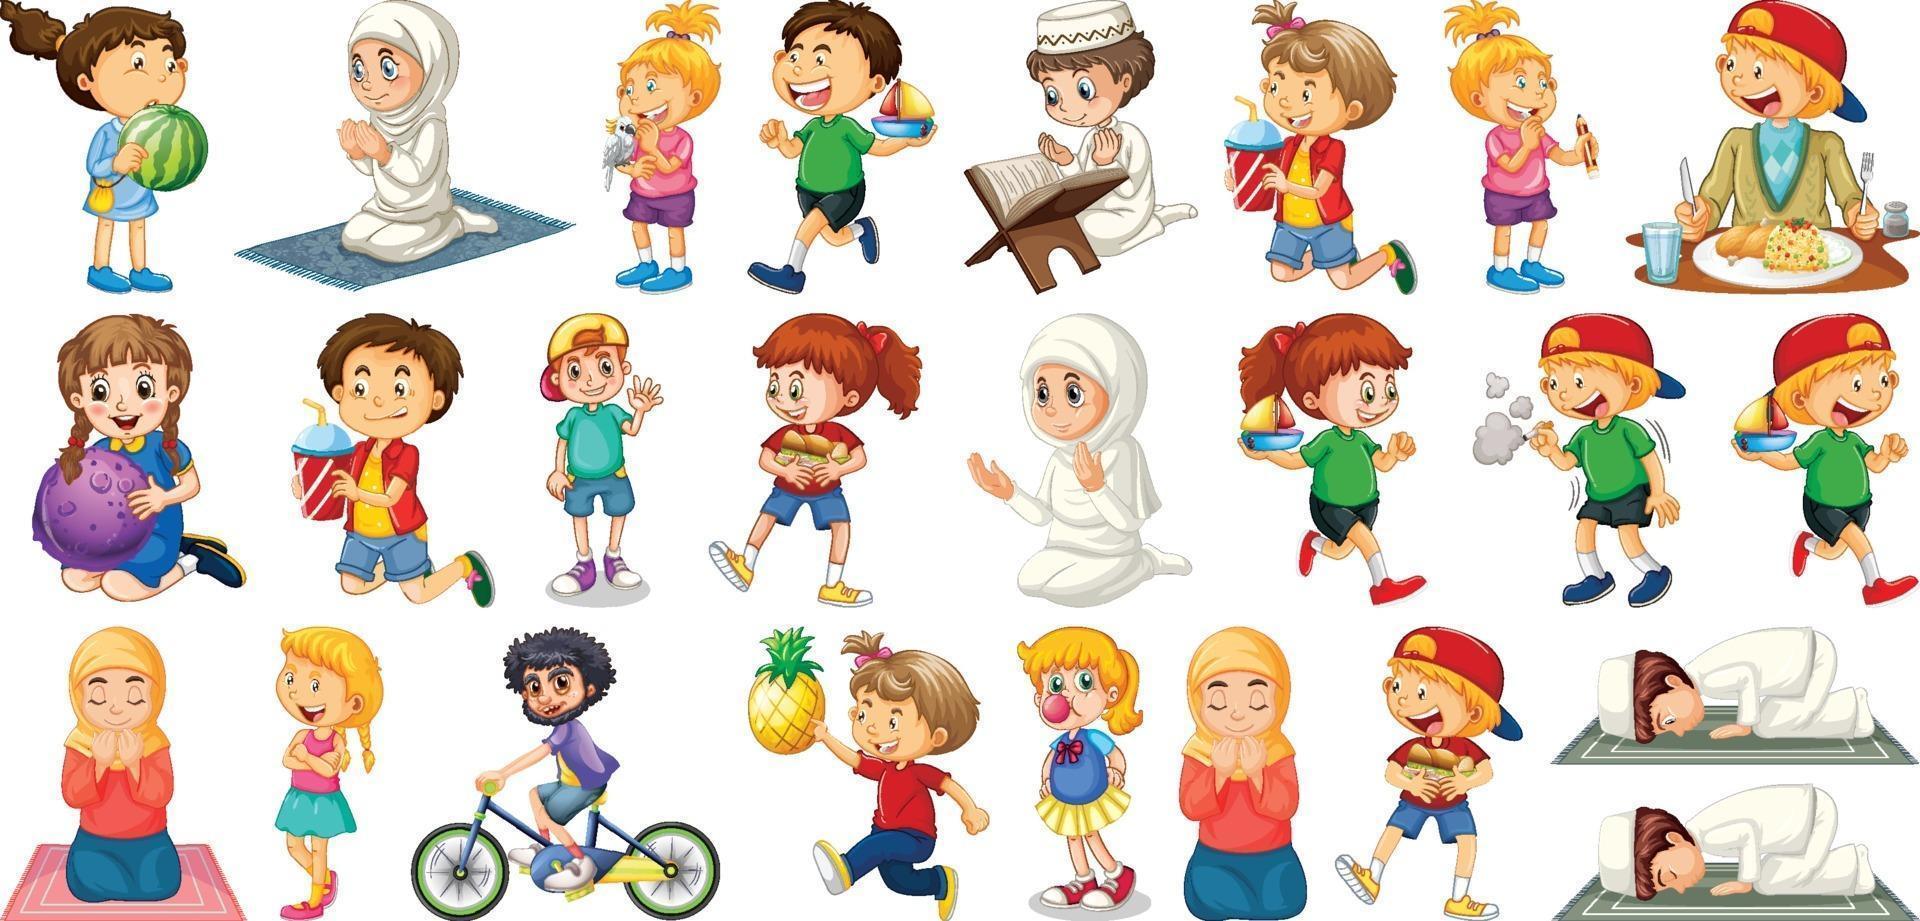 crianças fazendo atividades diferentes com personagens de desenhos animados em fundo branco vetor